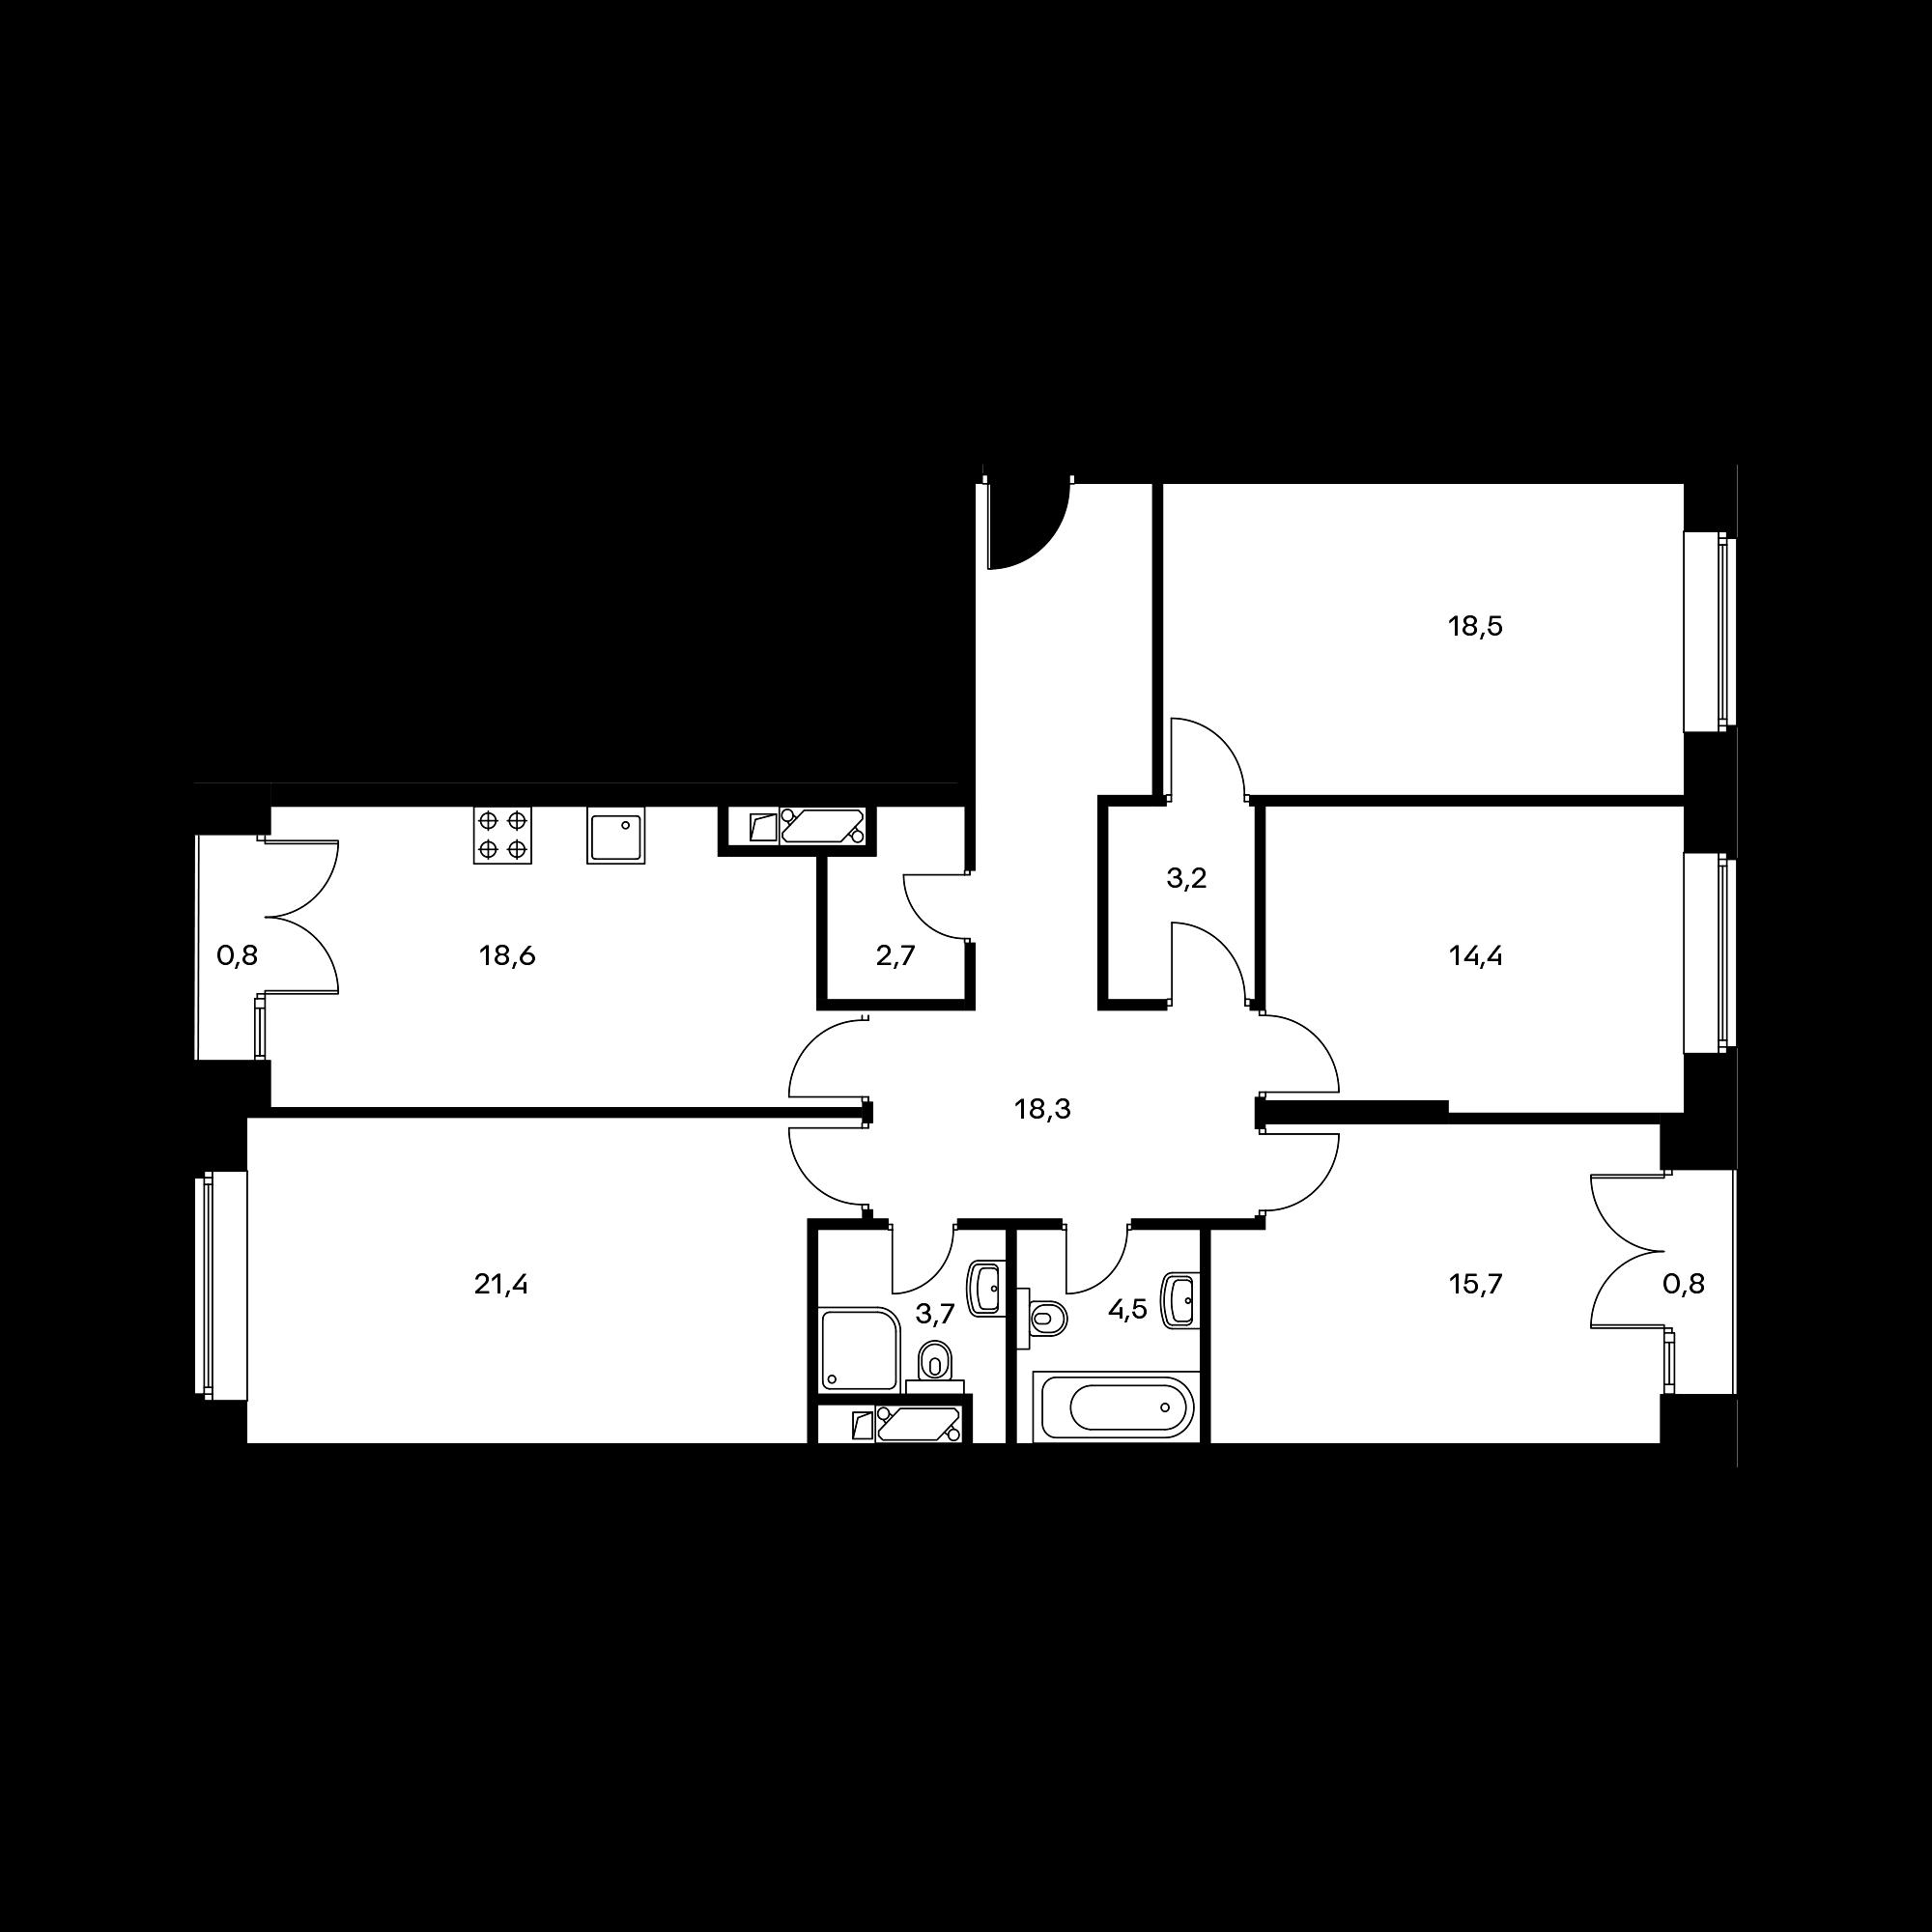 4-комнатная 121.7 м²